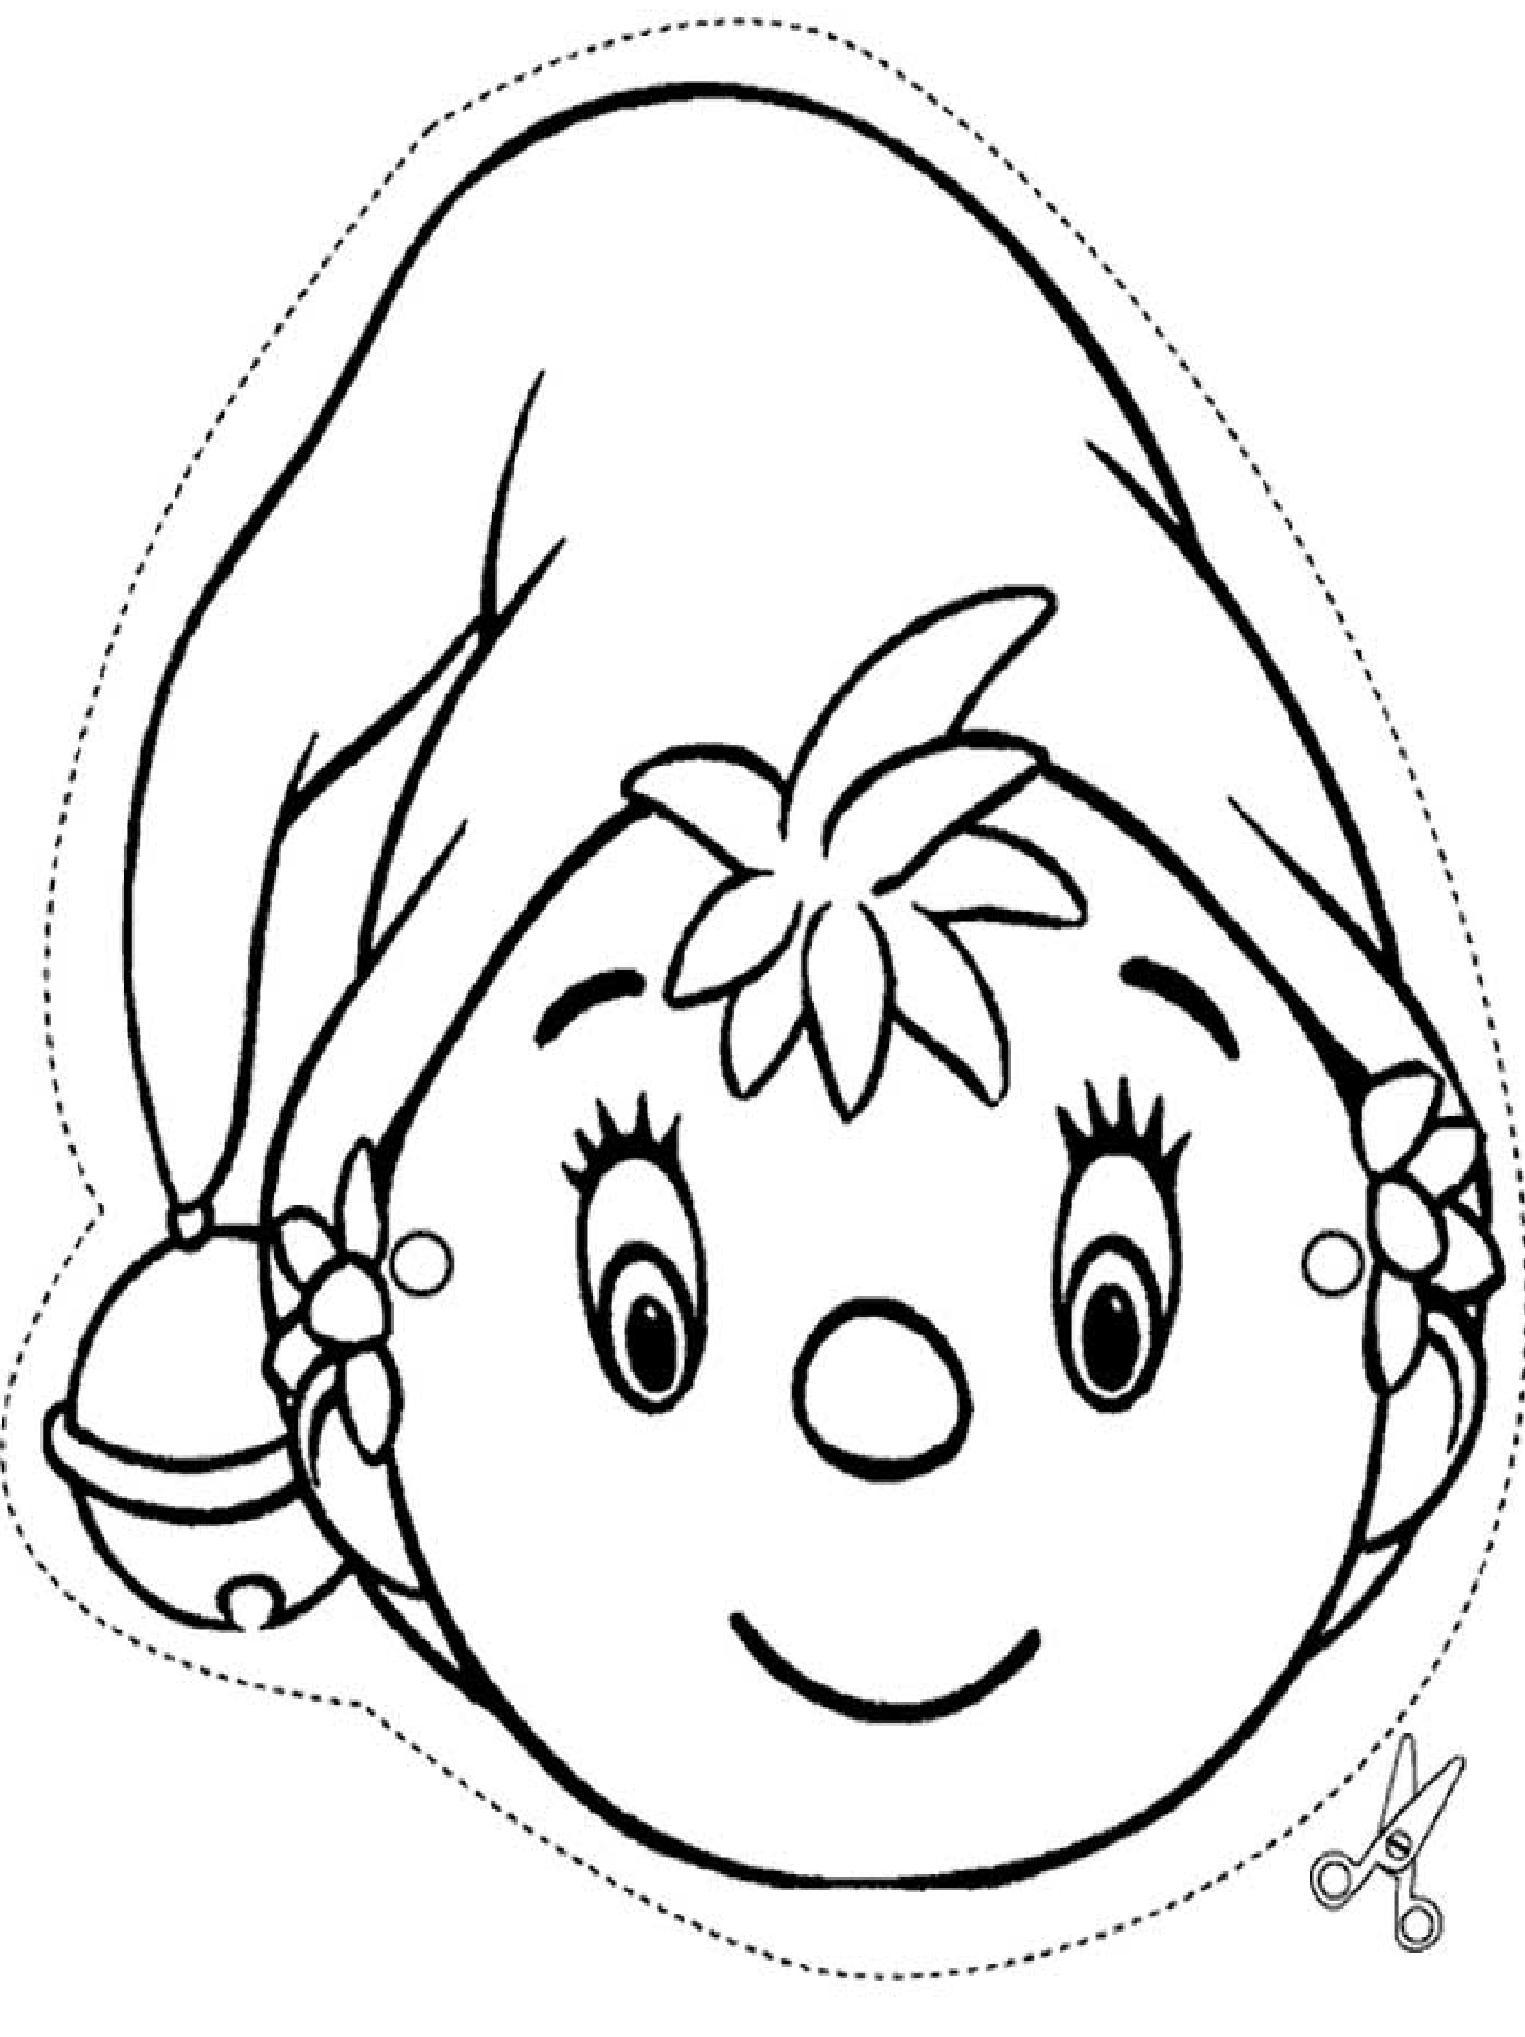 Masque Oui Oui A Colorier Découpage A Imprimer concernant Masque Enfant A Colorier